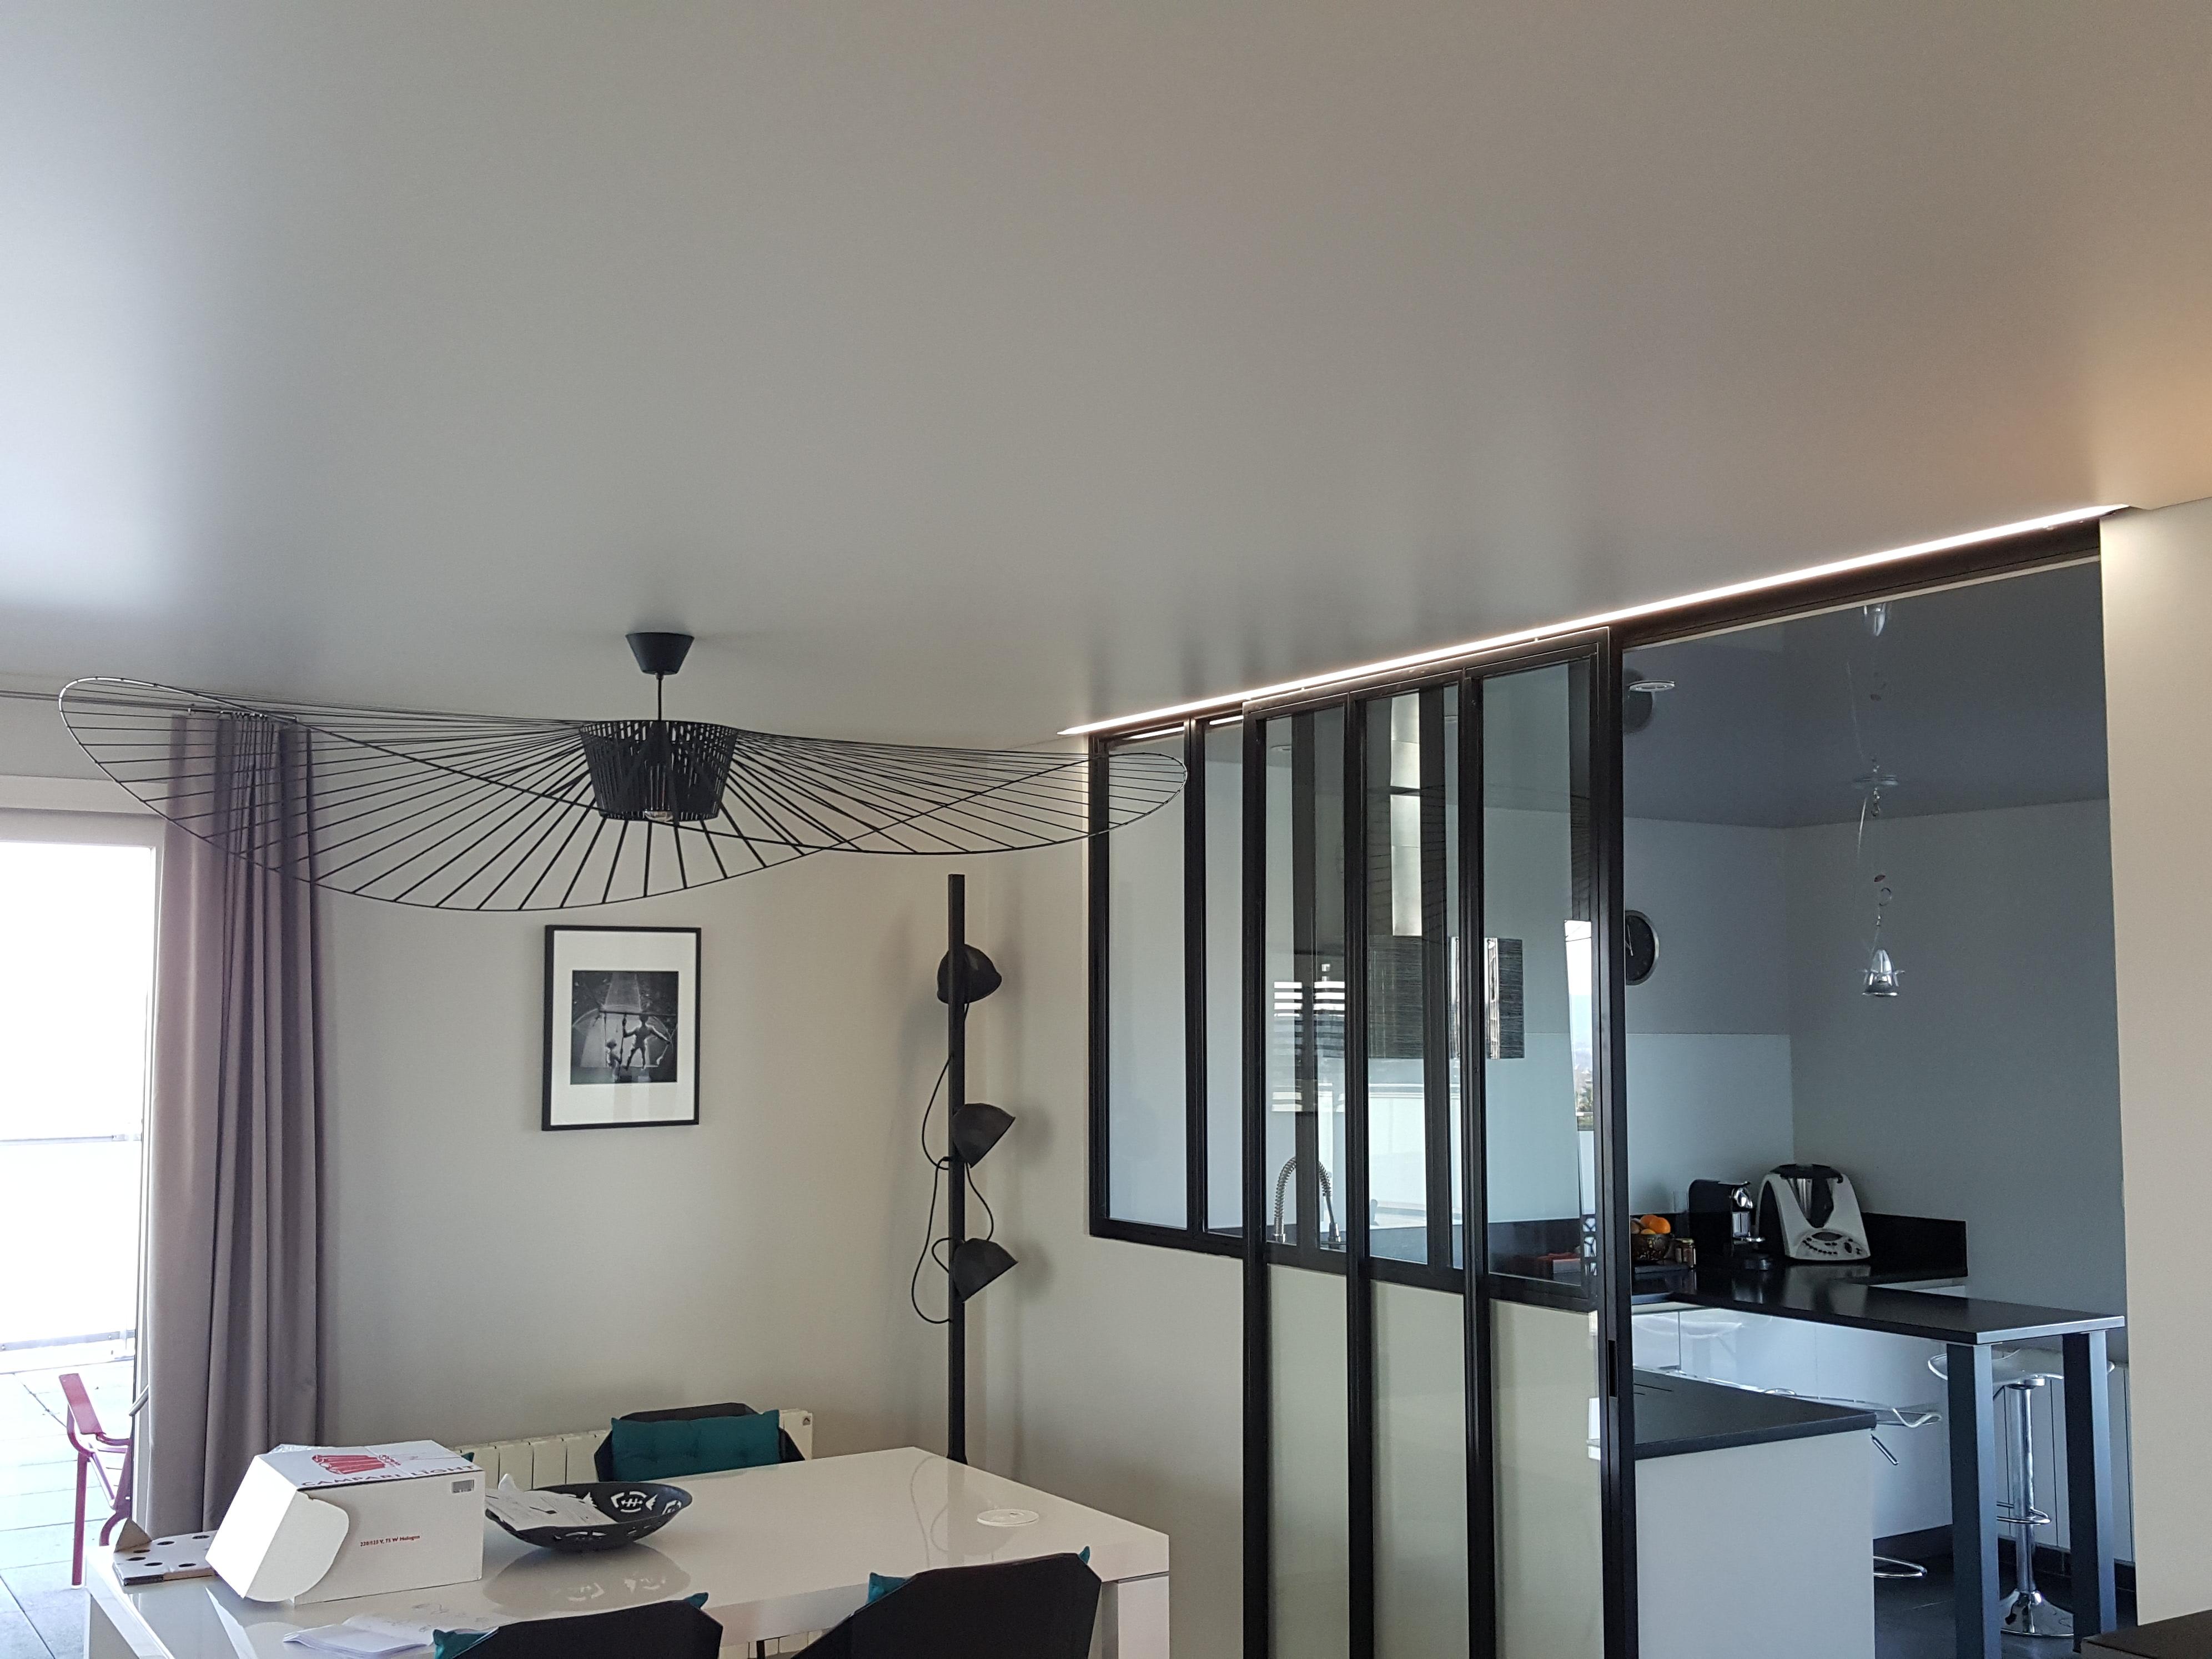 plafonds tendus meunier profil led et plafond tendu plafonds tendus meunier. Black Bedroom Furniture Sets. Home Design Ideas